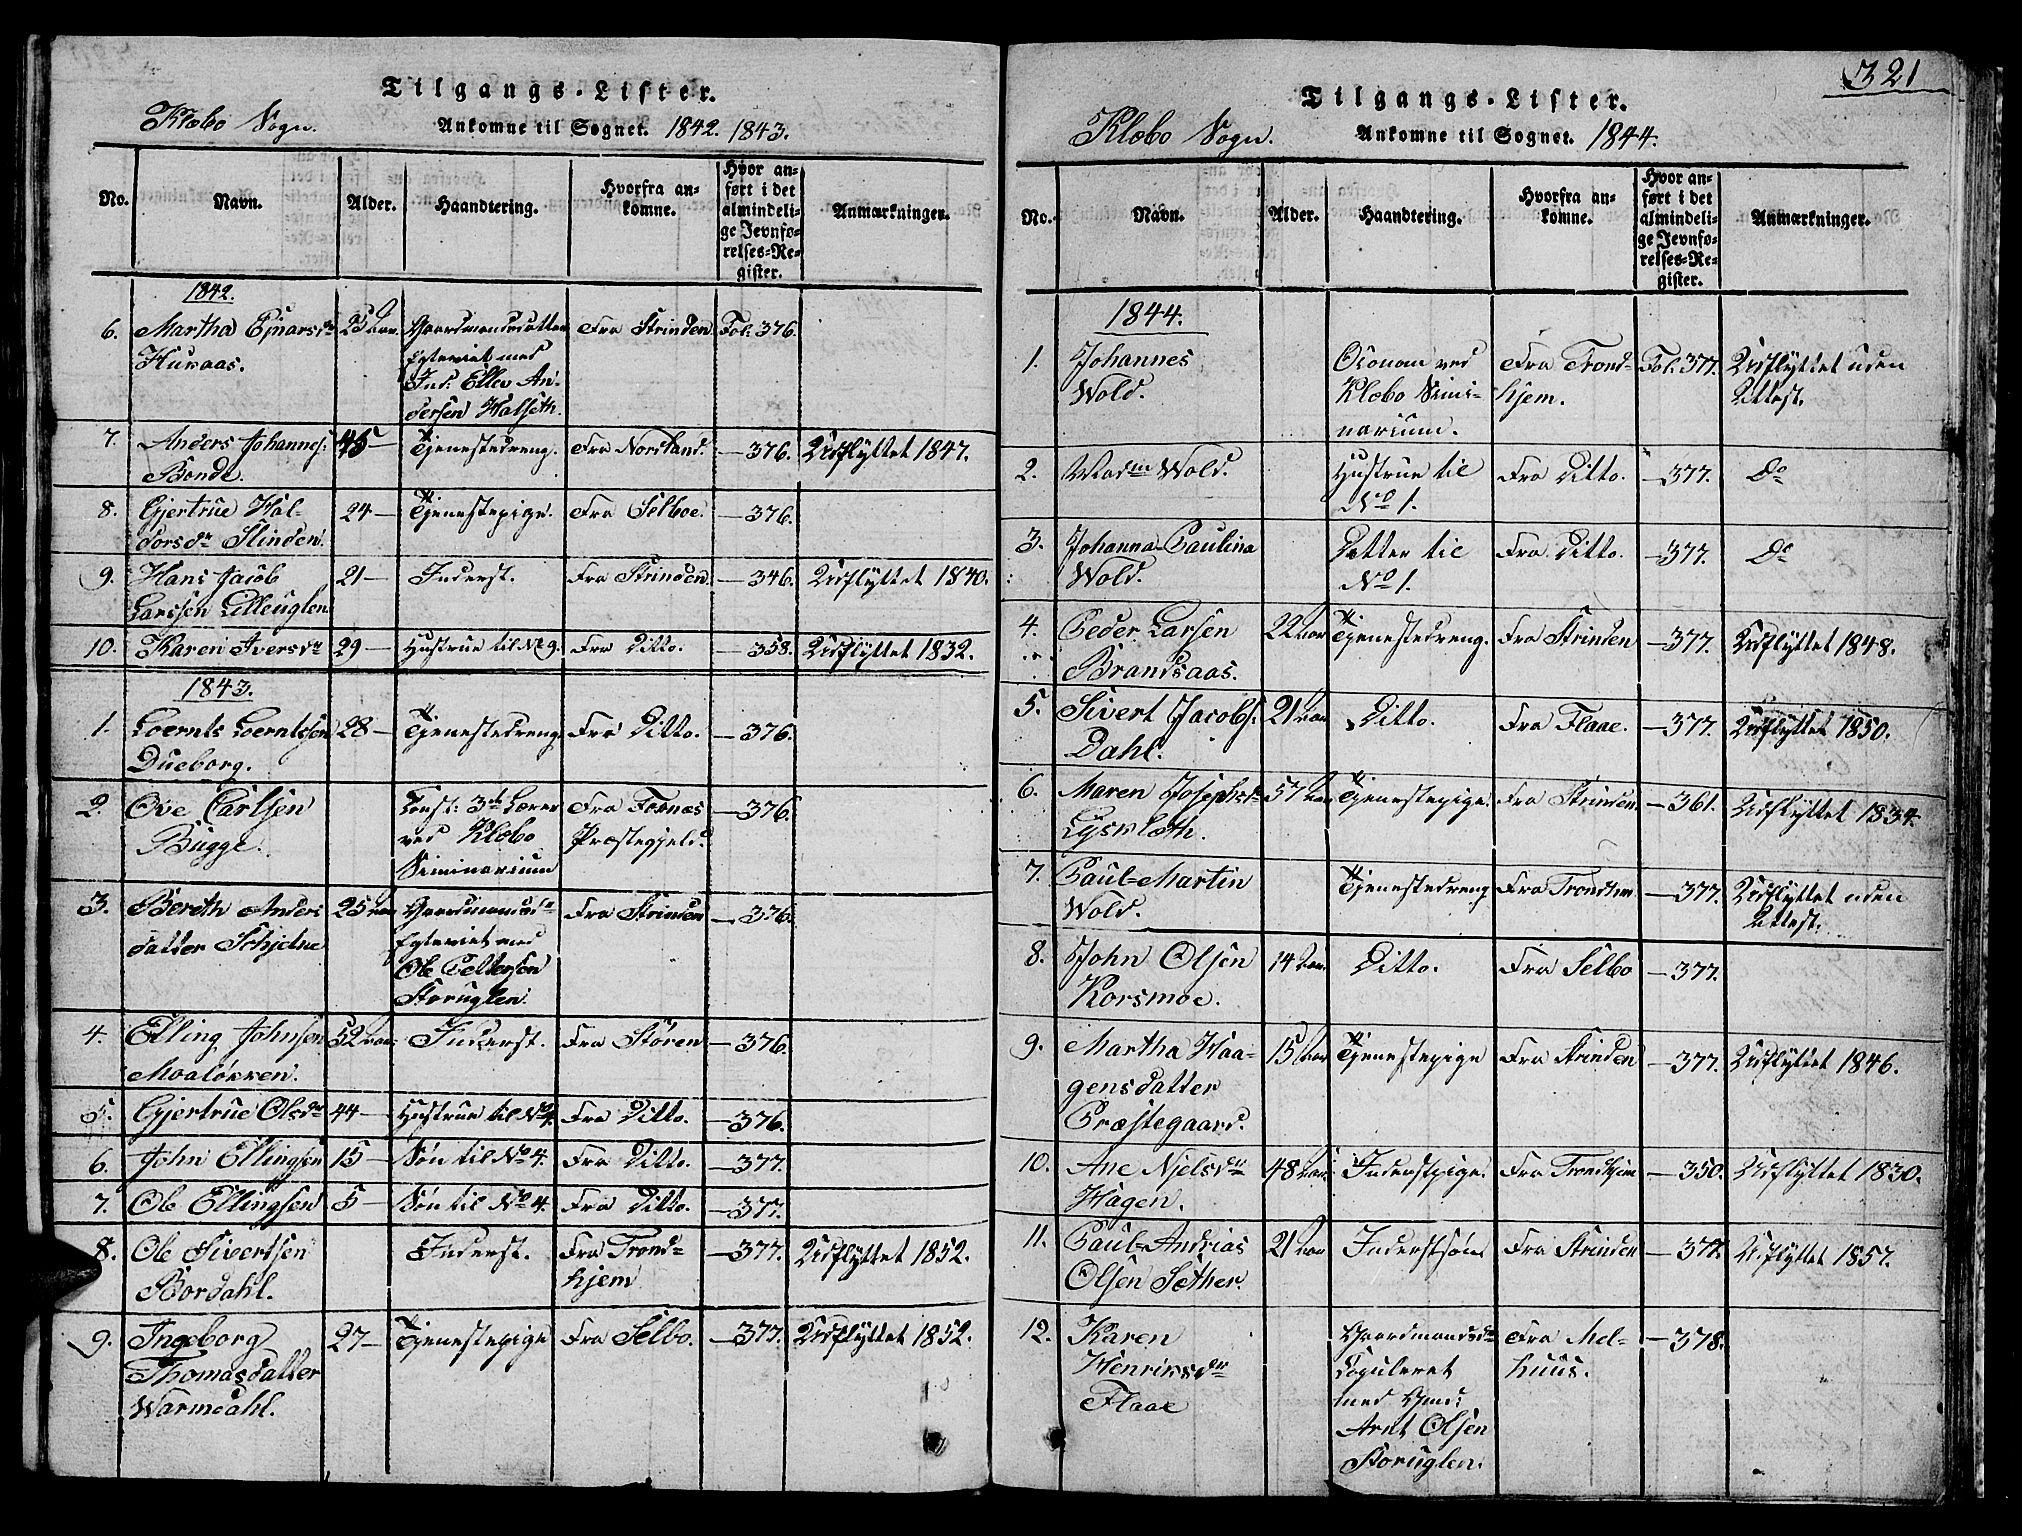 SAT, Ministerialprotokoller, klokkerbøker og fødselsregistre - Sør-Trøndelag, 618/L0450: Klokkerbok nr. 618C01, 1816-1865, s. 321